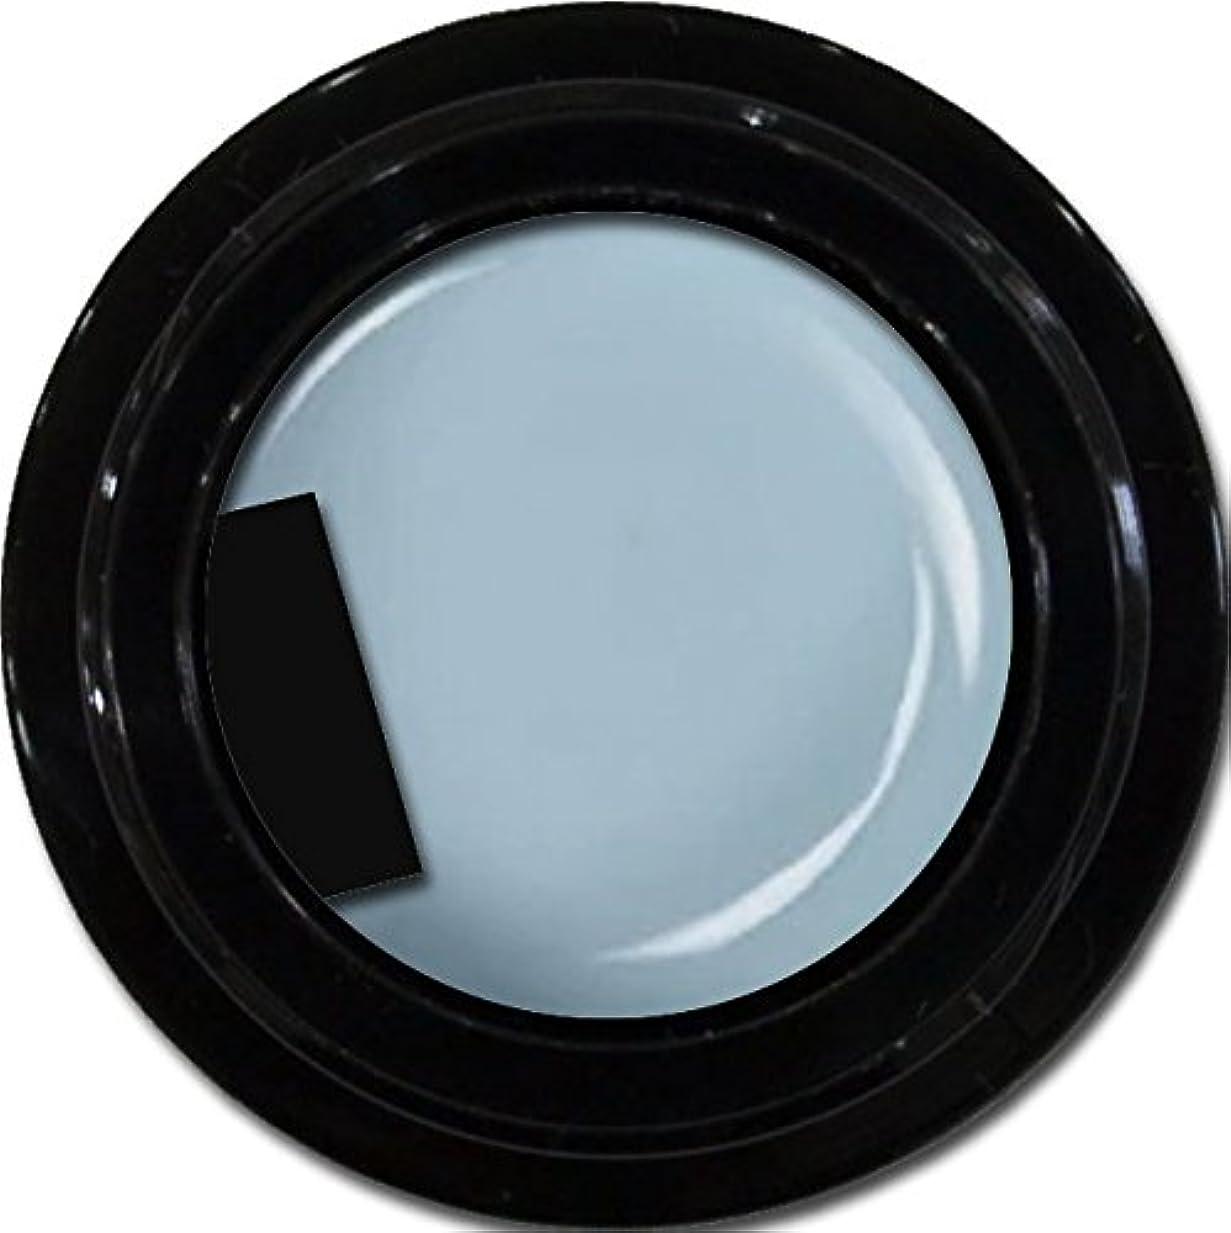 入場料アイロニー傷つけるカラージェル enchant color gel M705 SmokeBlue 3g/ マットカラージェル M705 スモークブルー 3グラム